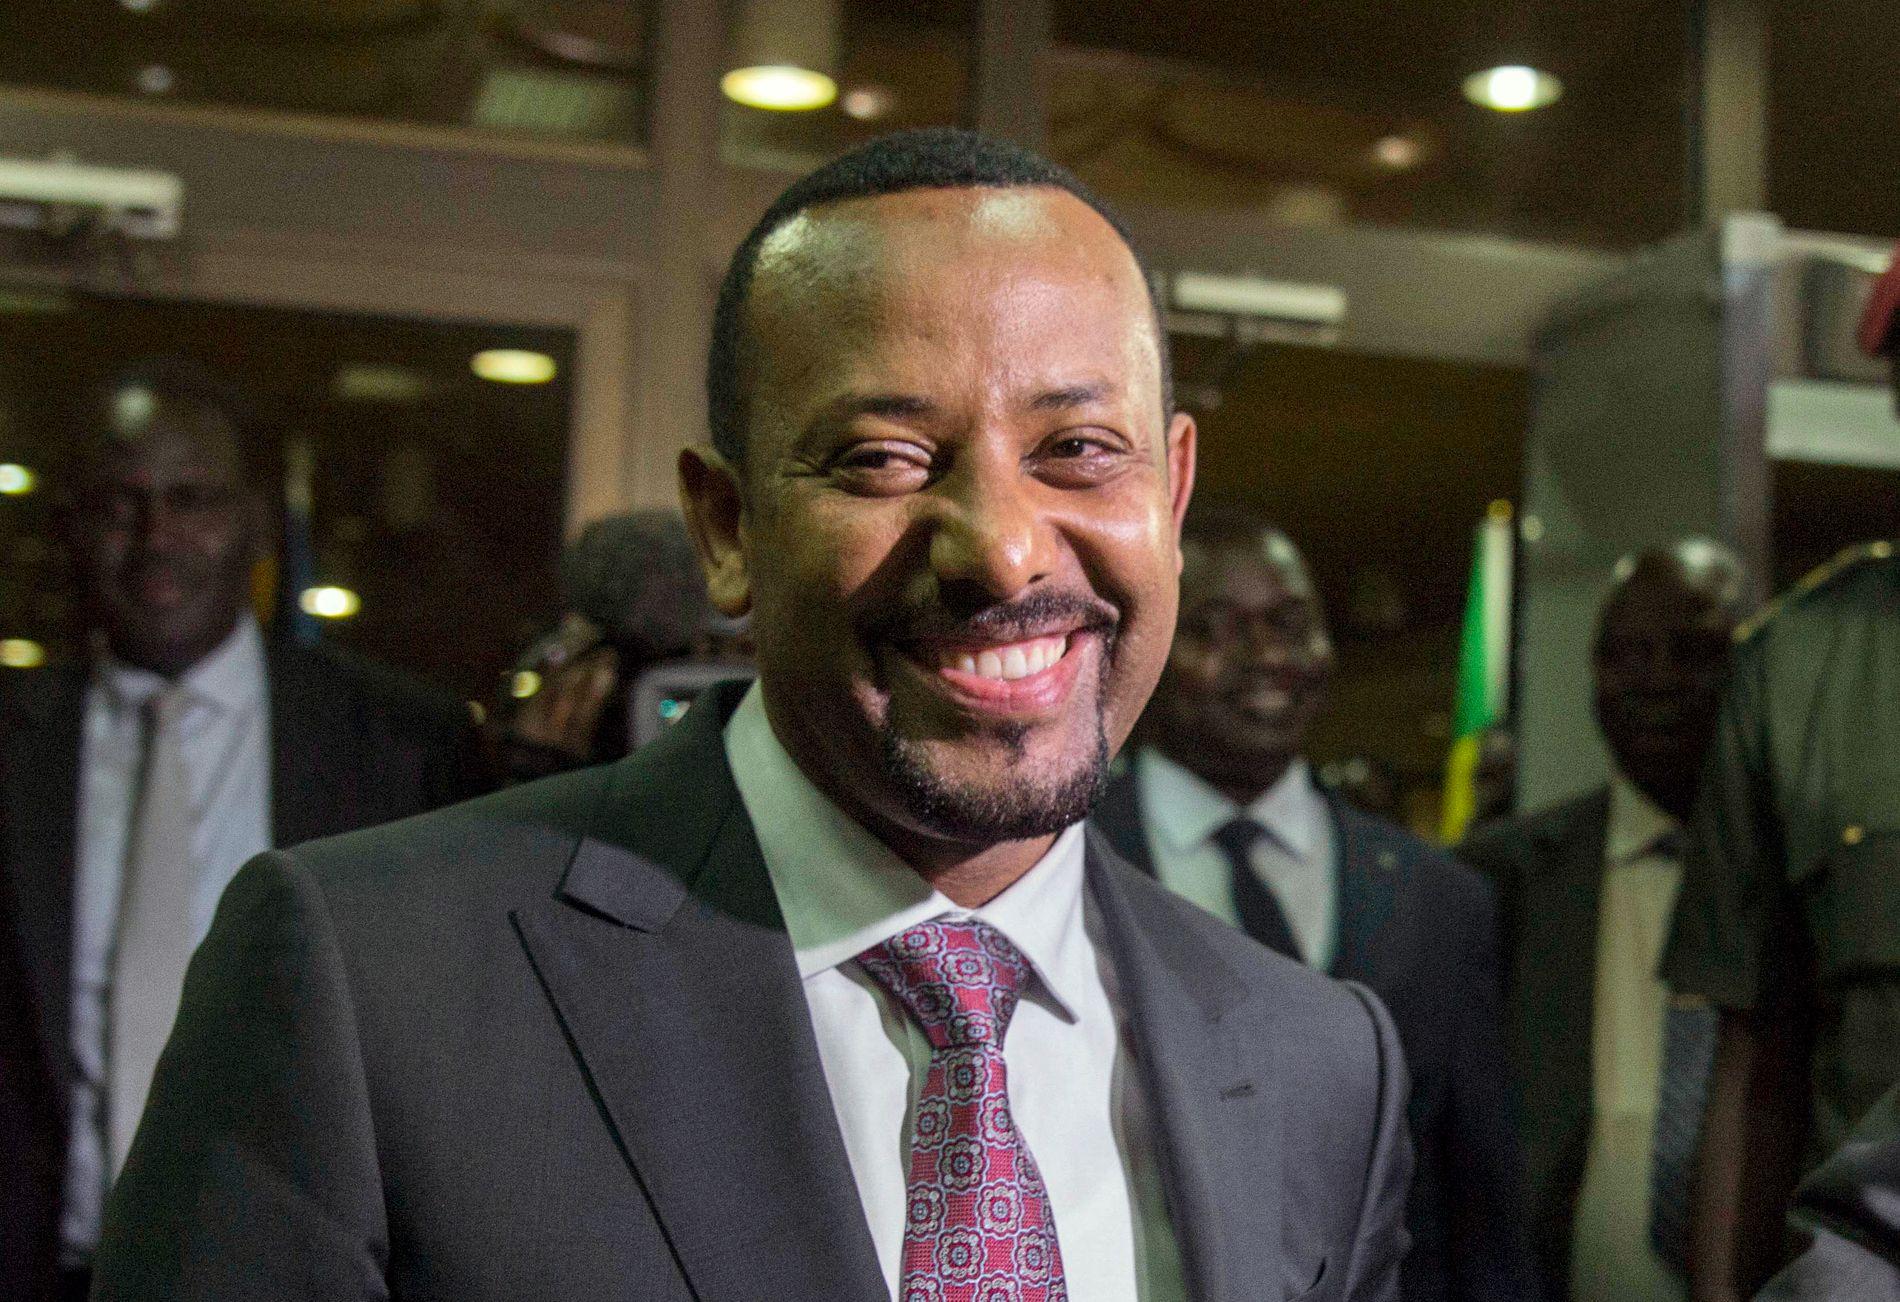 BELITET SEG: Det er en stemning kjennetegnet av kjærlighet og optimisme i Addis Abeba og Asmara for tiden. Fordi lederne har belitet seg, skriver innsenderen.